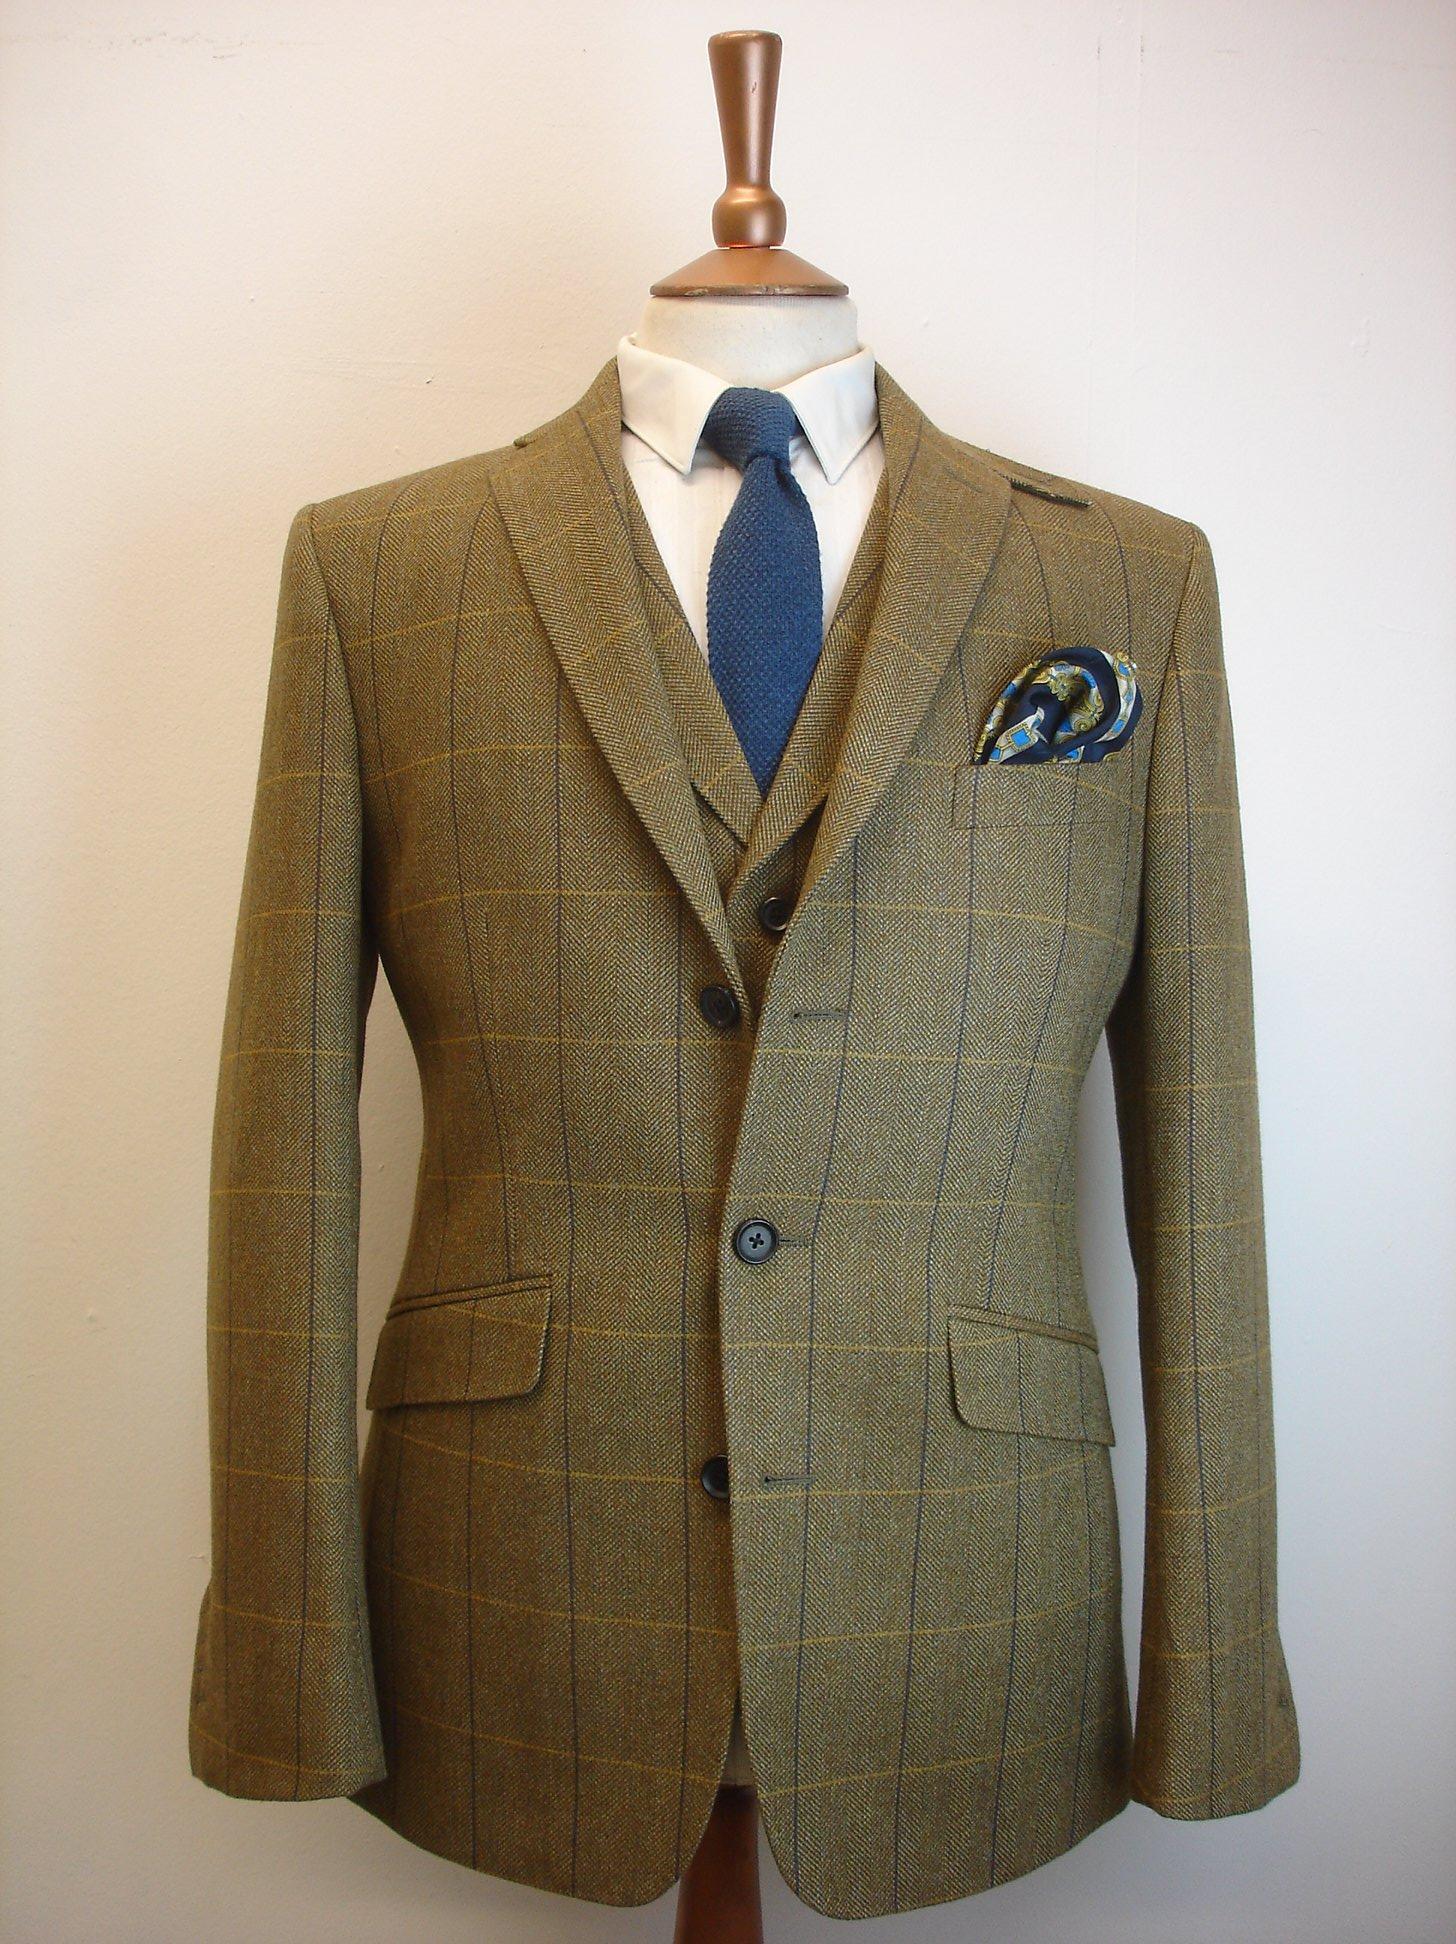 Porter & Harding Hartwist Tweed Suit (9).jpg